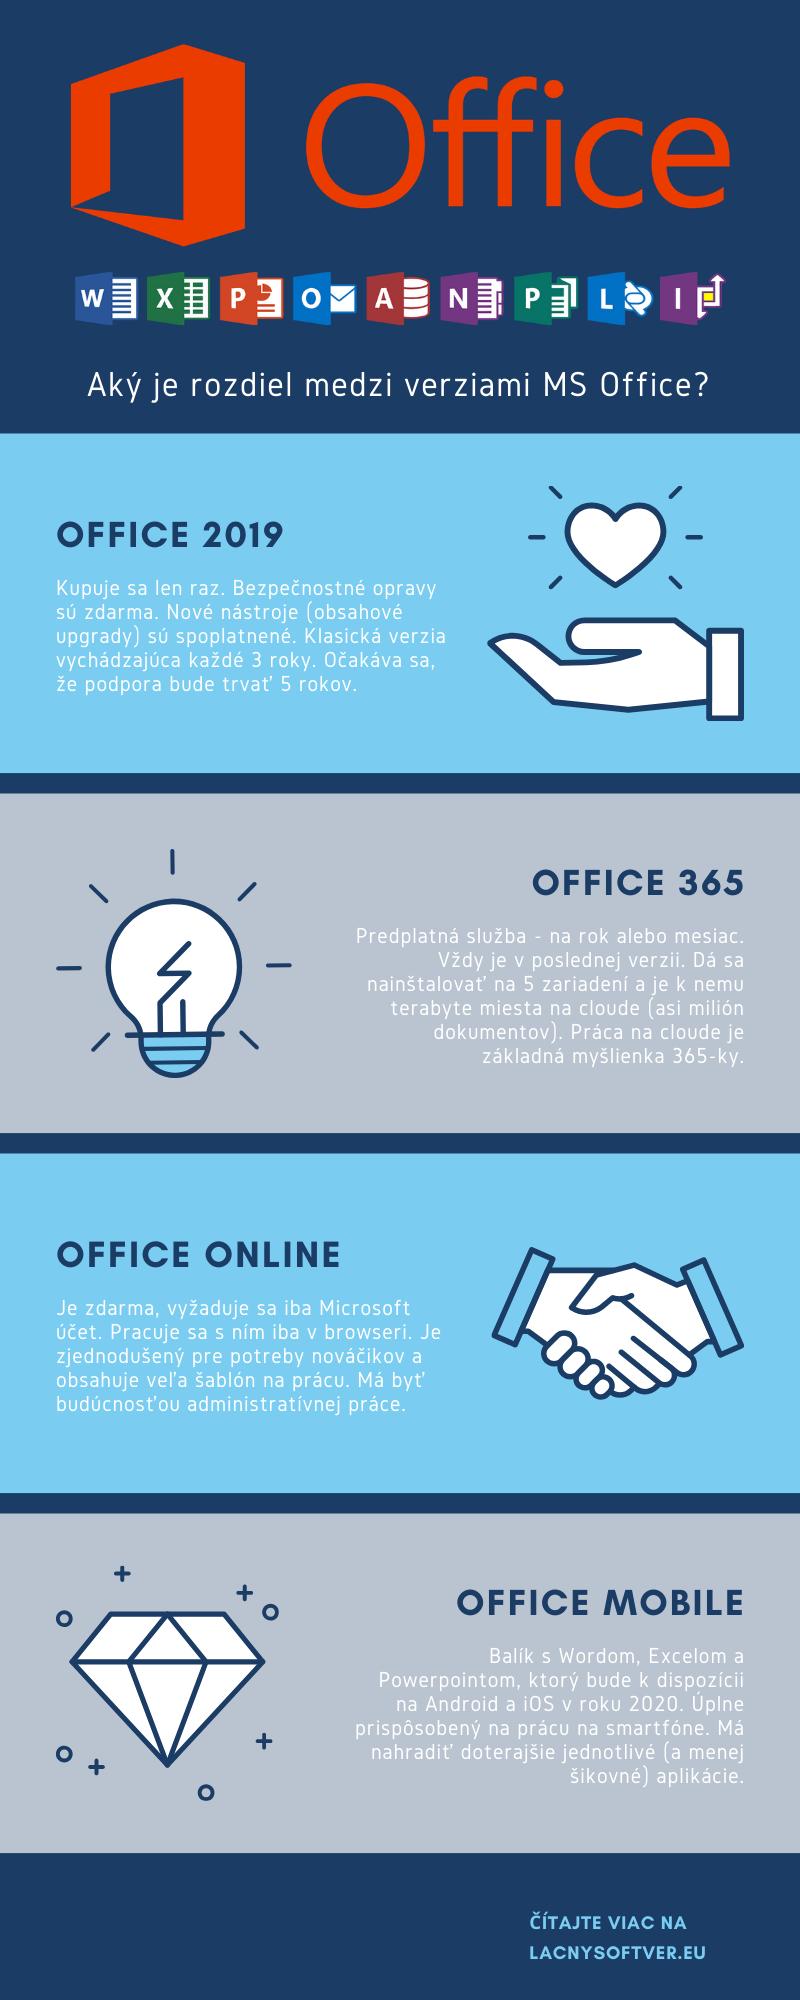 Aký je rozdiel medzi verziami MS Office?